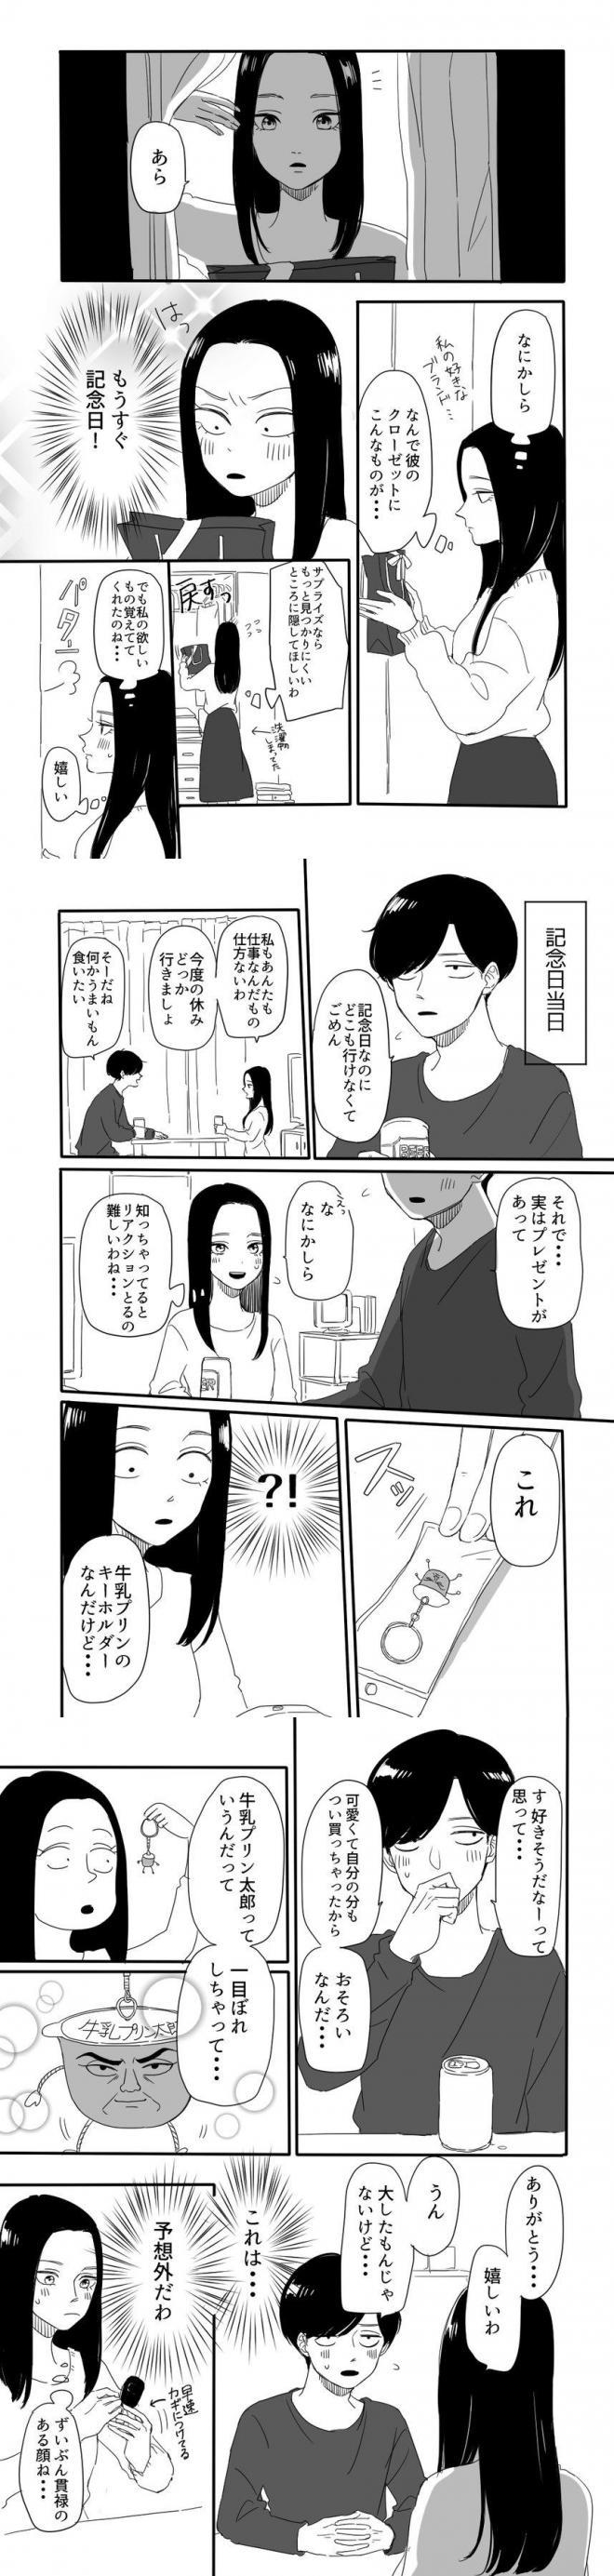 同棲カップルと記念日(1)